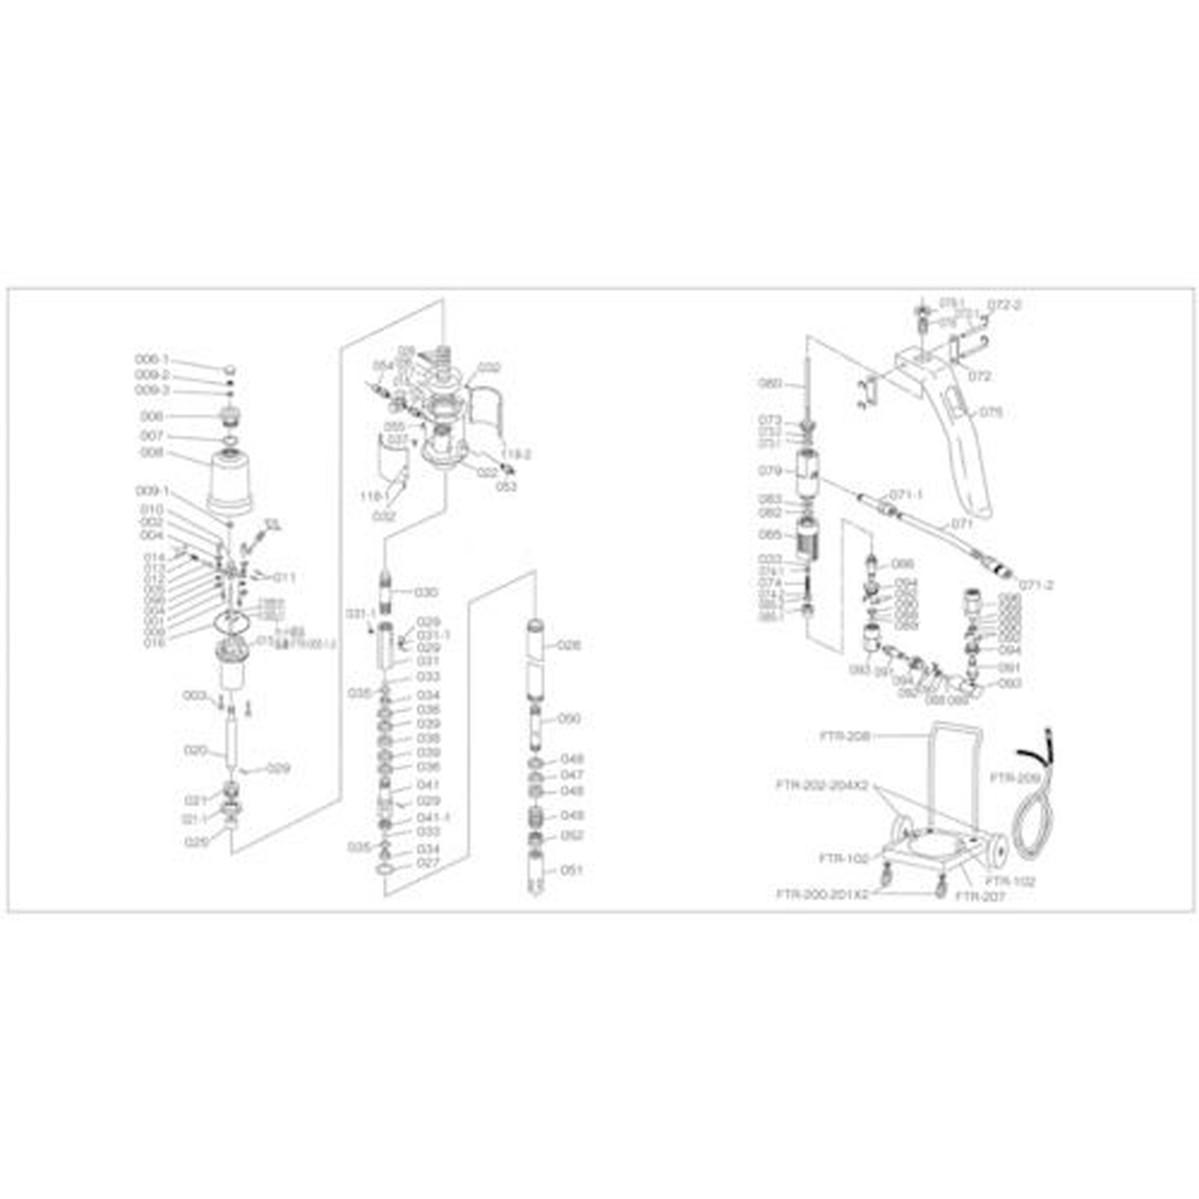 当店だけの限定モデル TRUSCO 圧力板 FTR65G用 FTR65G用 TRUSCO 圧力板 1個, ソレイユ:24b79688 --- independentescortsdelhi.in